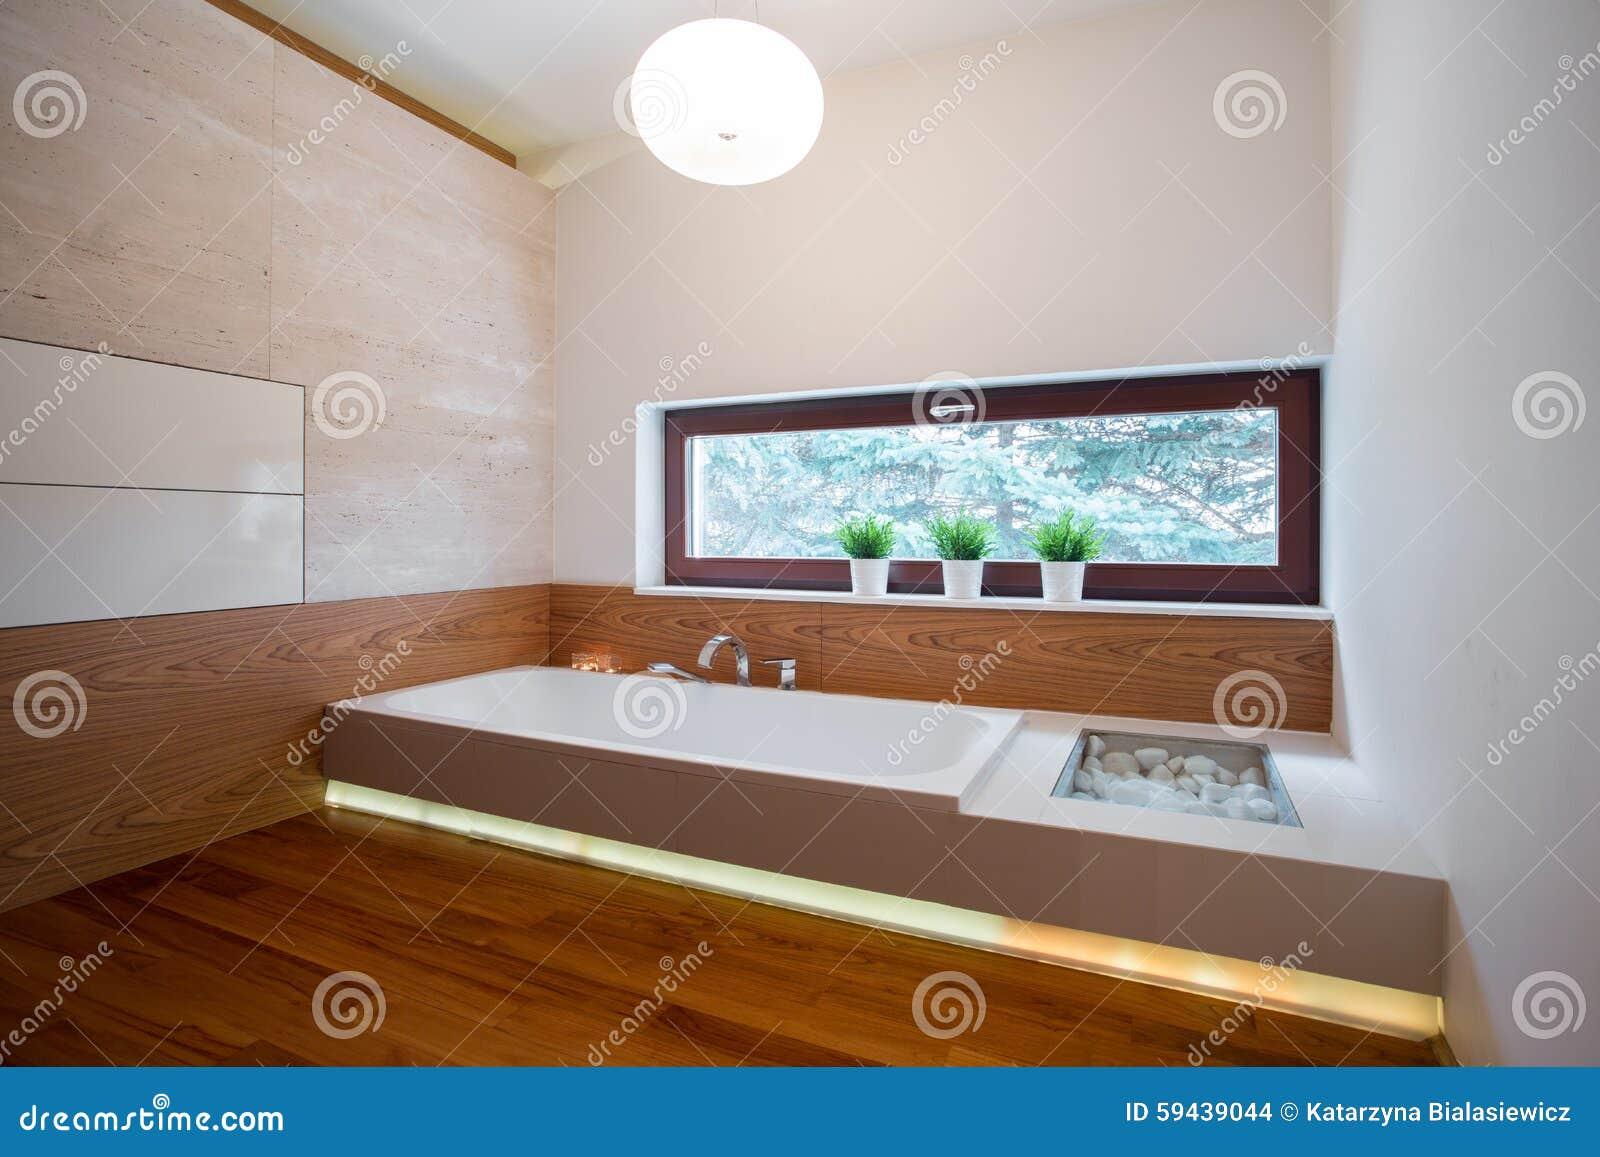 Baignoire Contemporaine Dans La Salle De Bains En Bois Photo stock ...